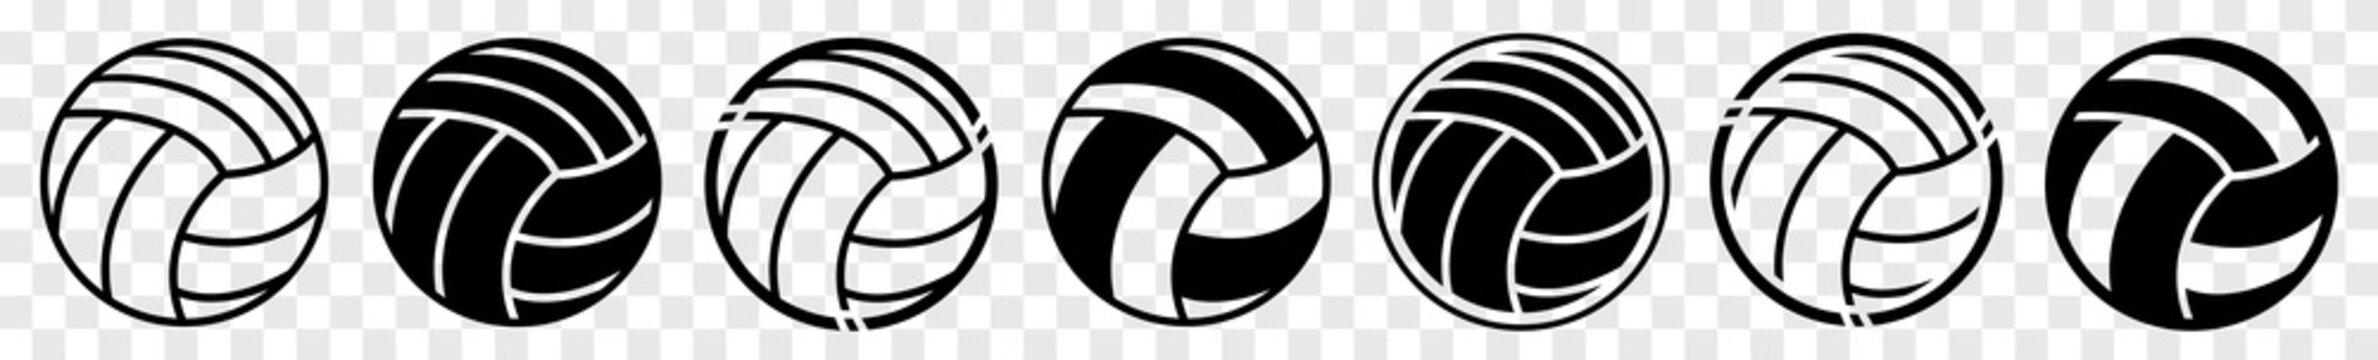 Volleyball | Ball | Emblem | Logo | Variations